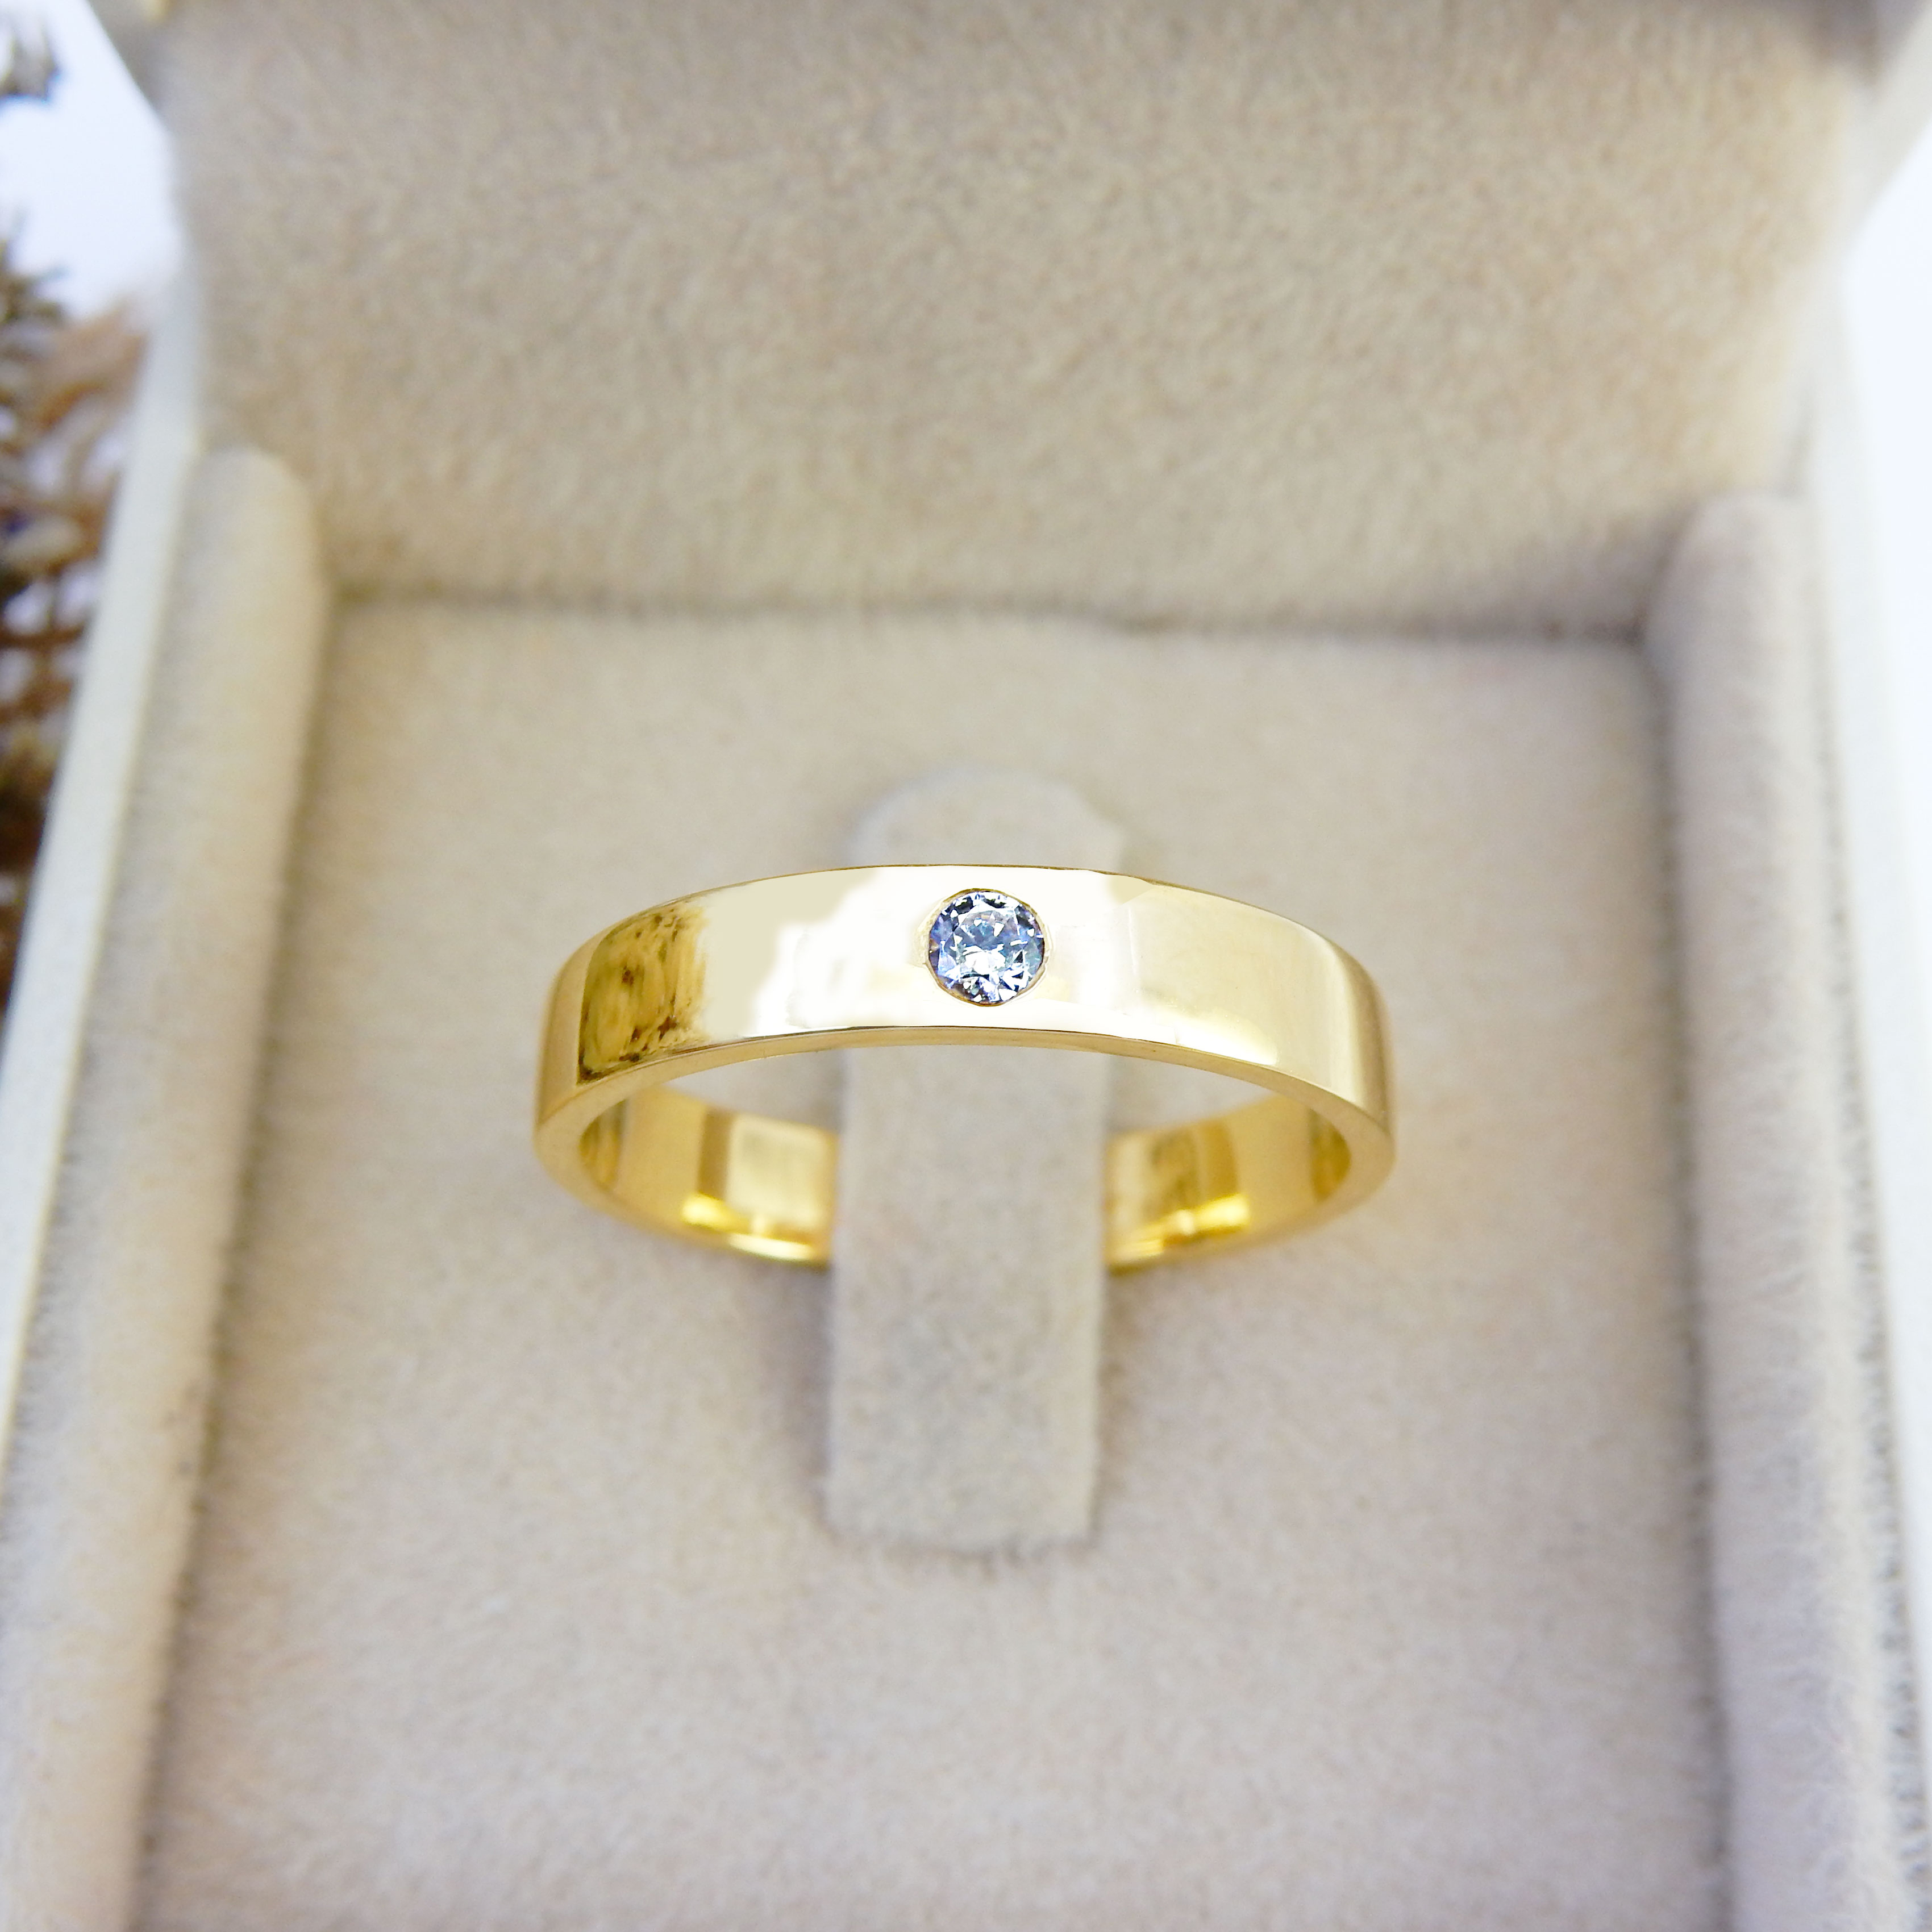 แหวนผู้ชาย (คาเทียร์)